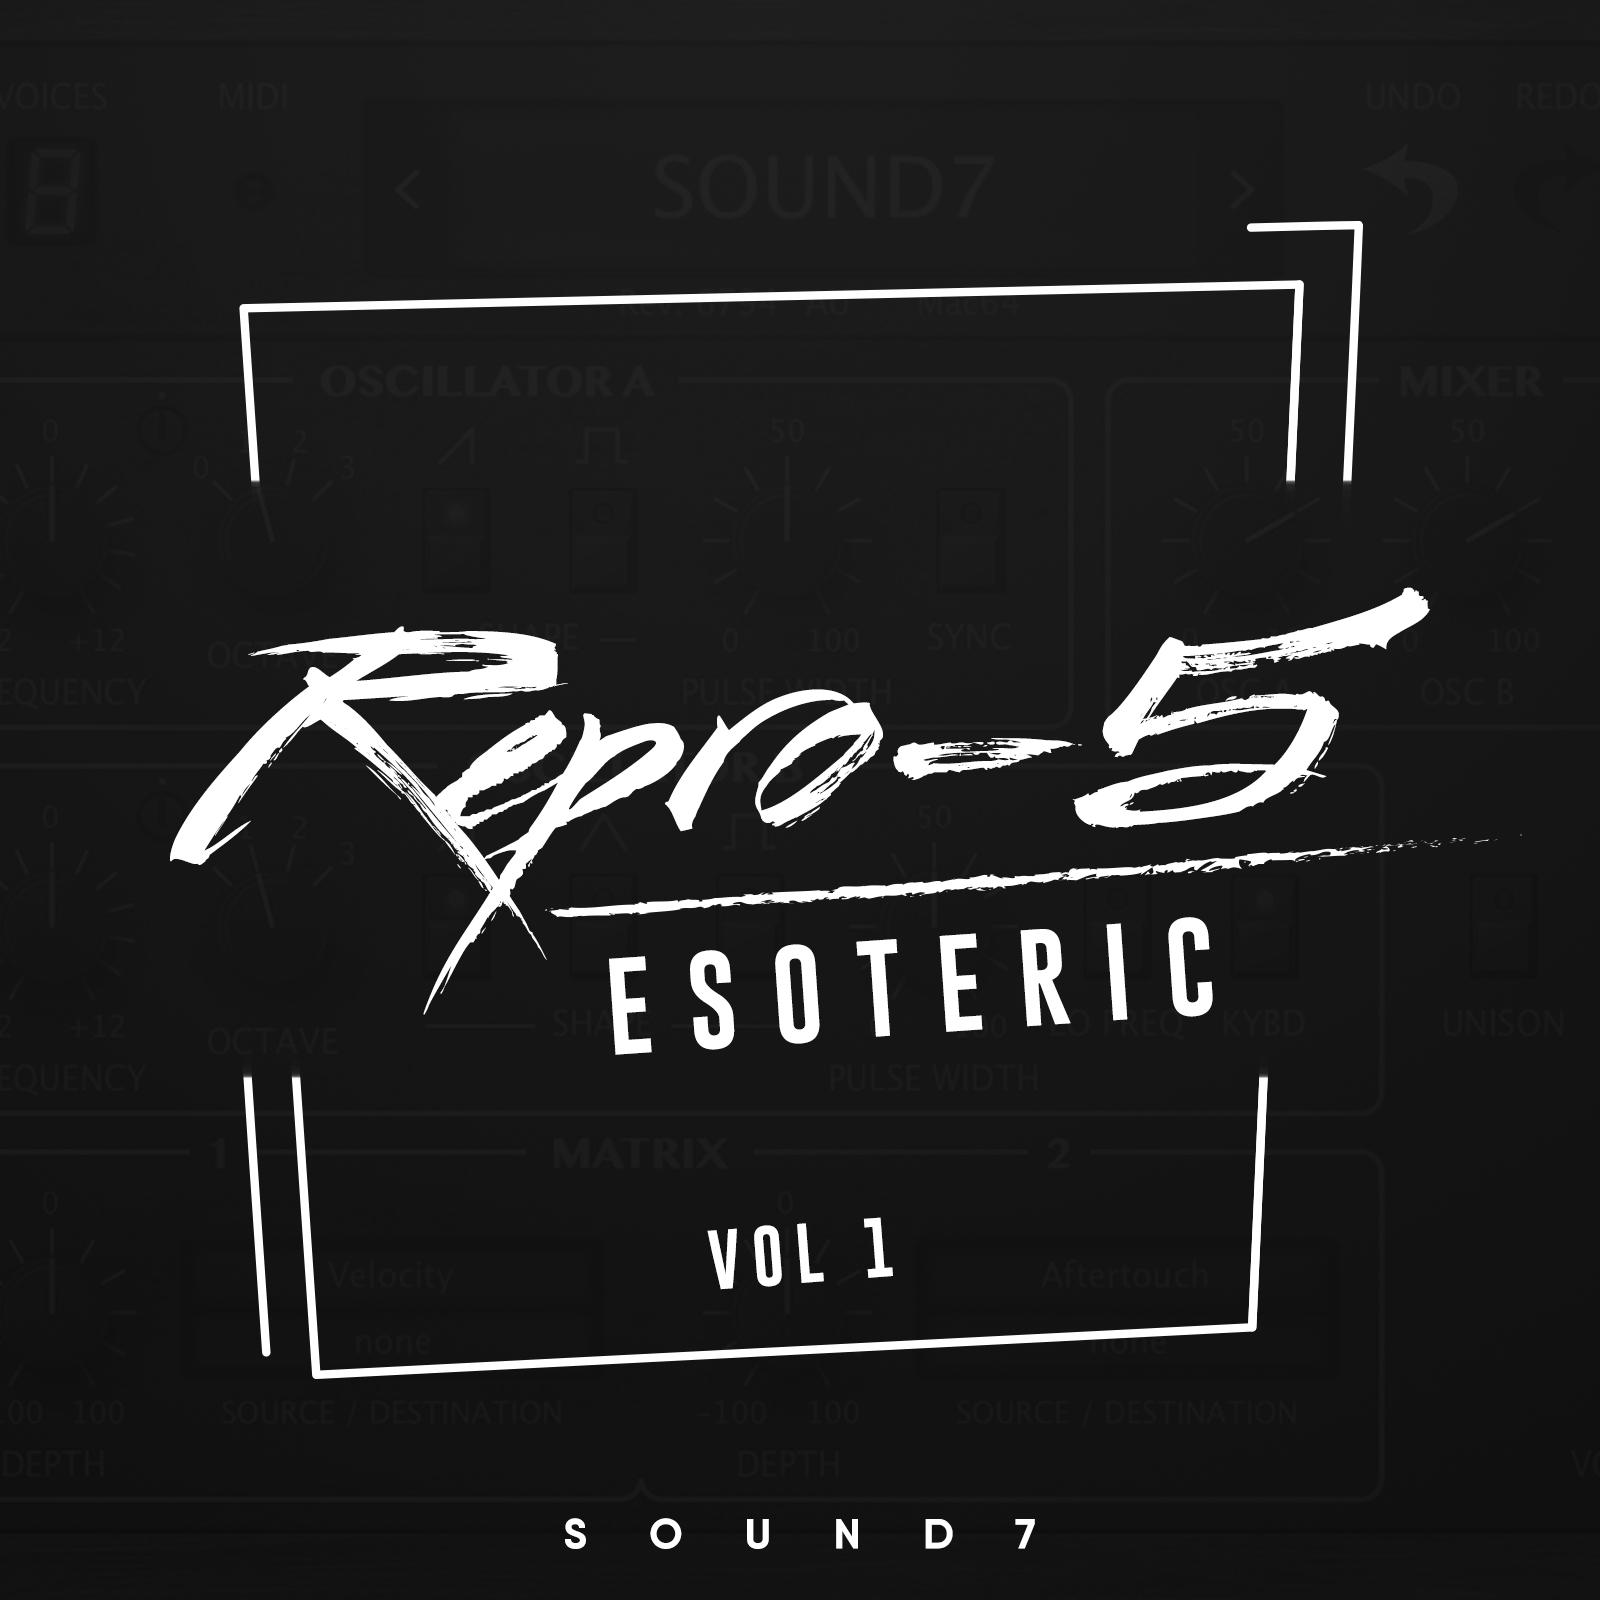 Repro5 - Esoteric Vol. 1